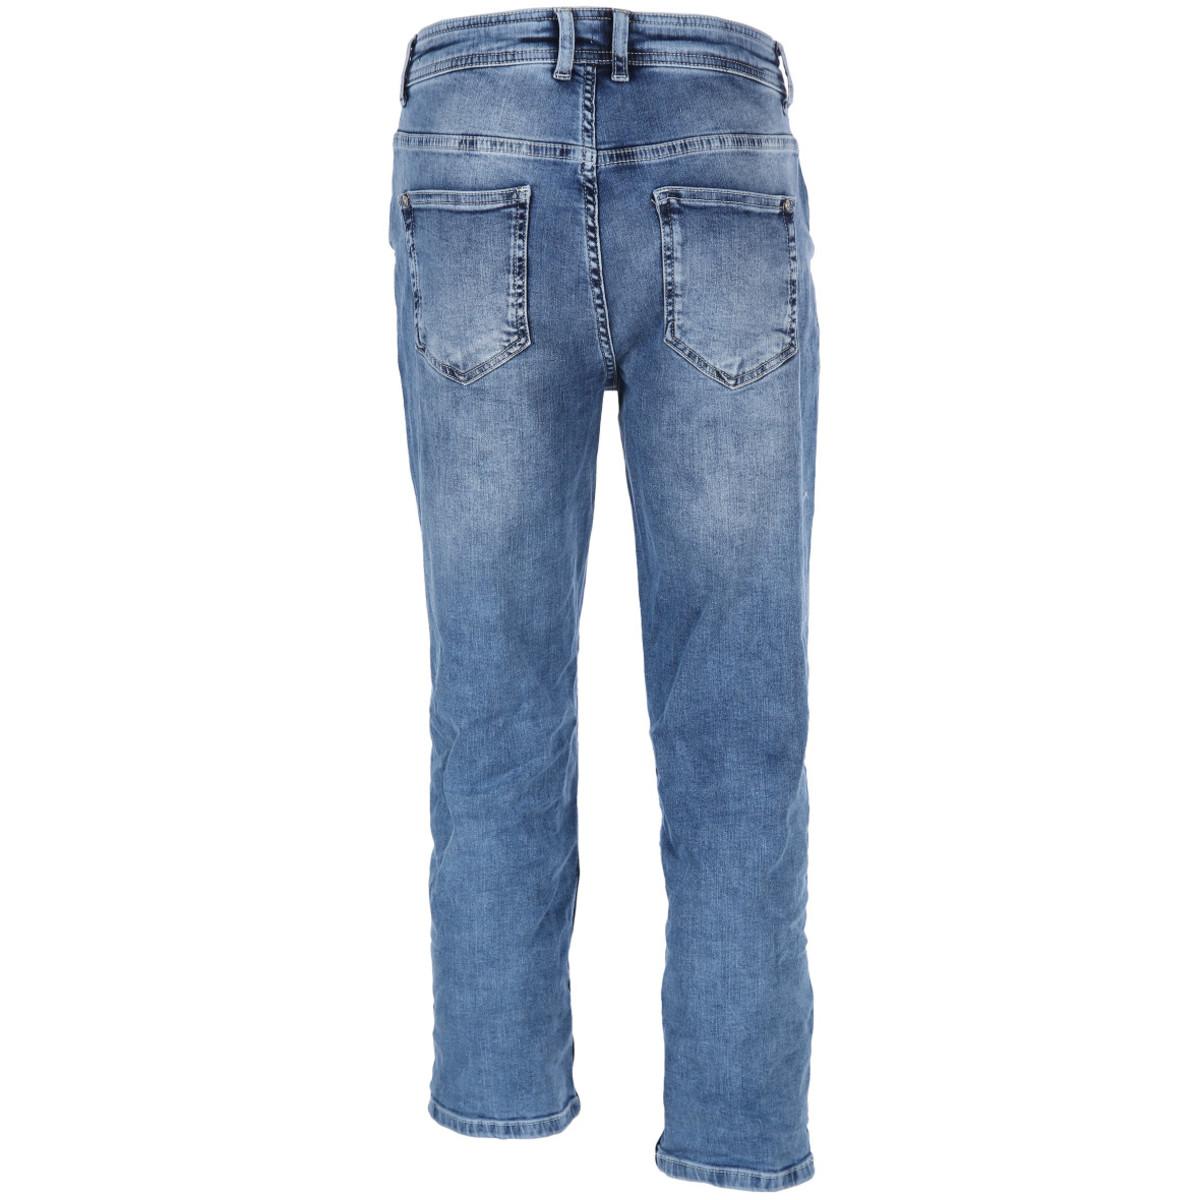 """Bild 2 von Damen Jeans Slim Fit """"Hanna"""" 7/8 Länge"""